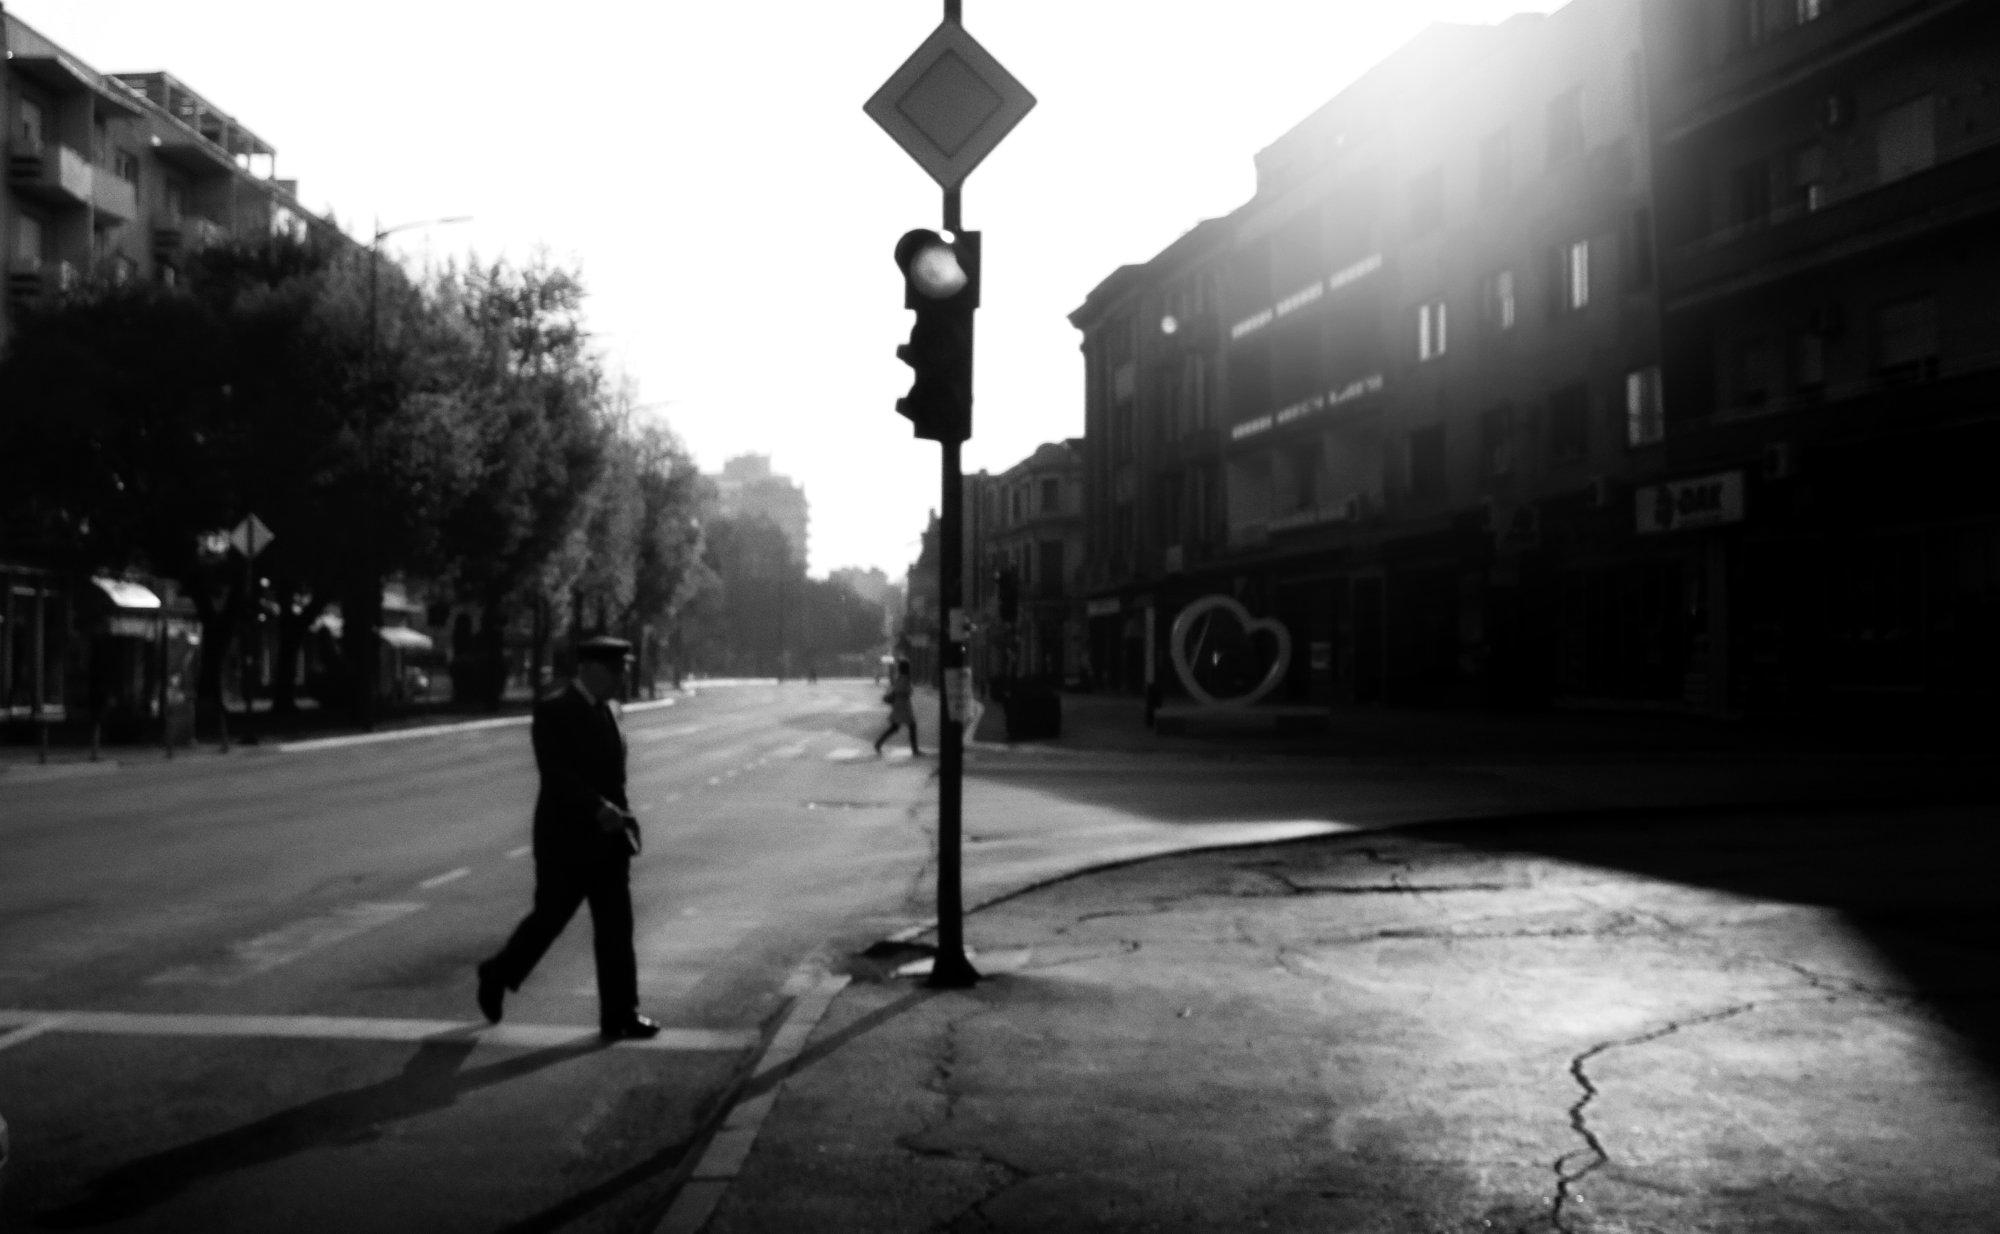 Shadows of Morning LIX